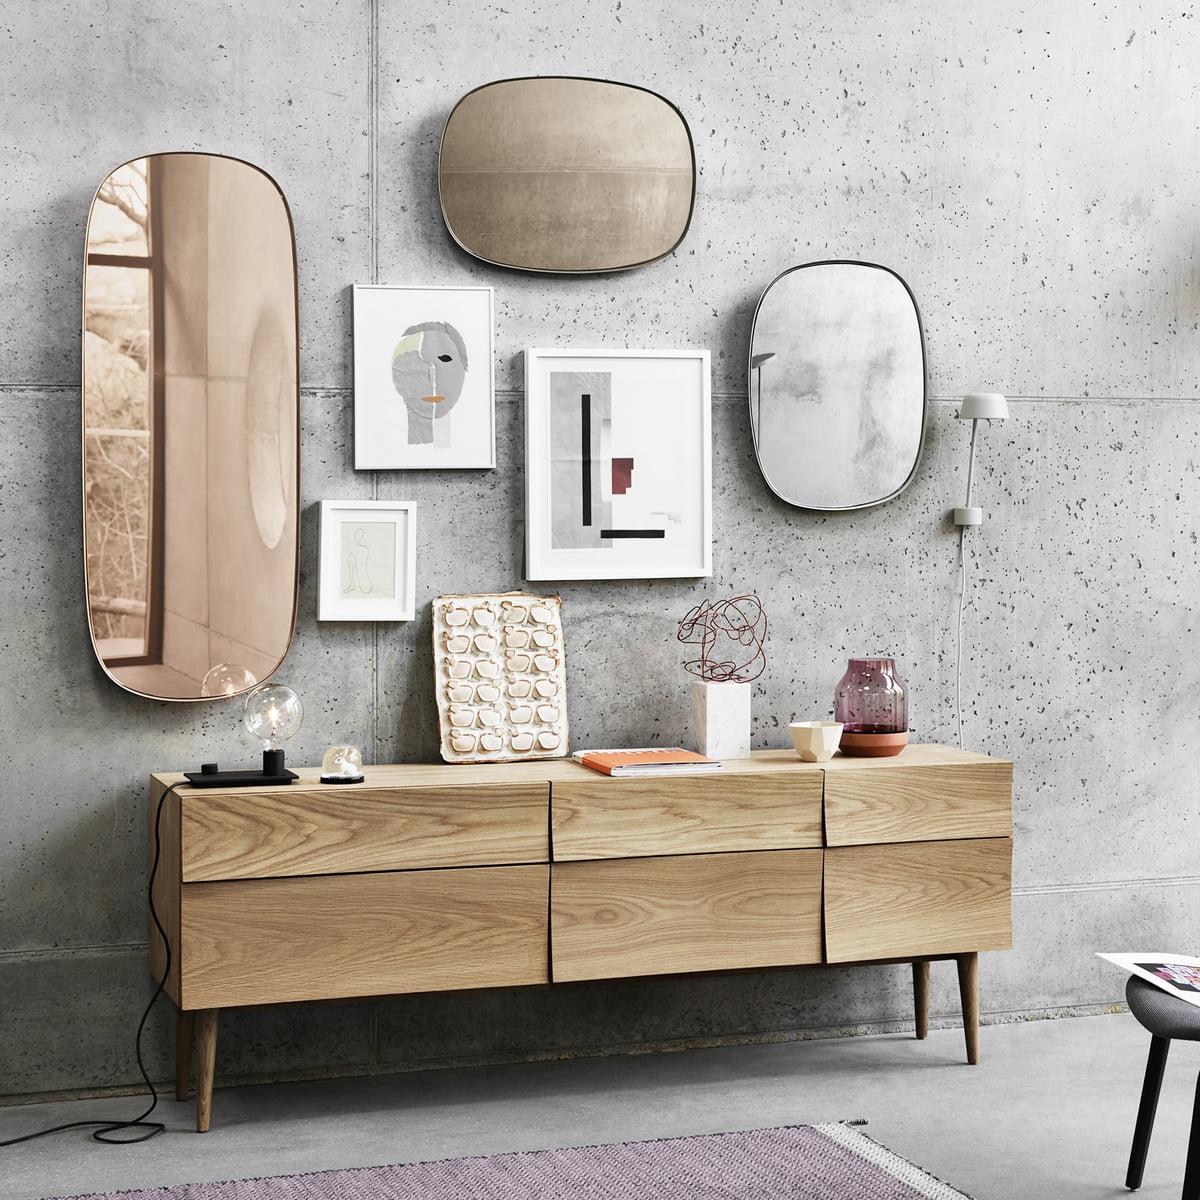 Framed mirror spiegel von muuto online - Muuto spiegel ...